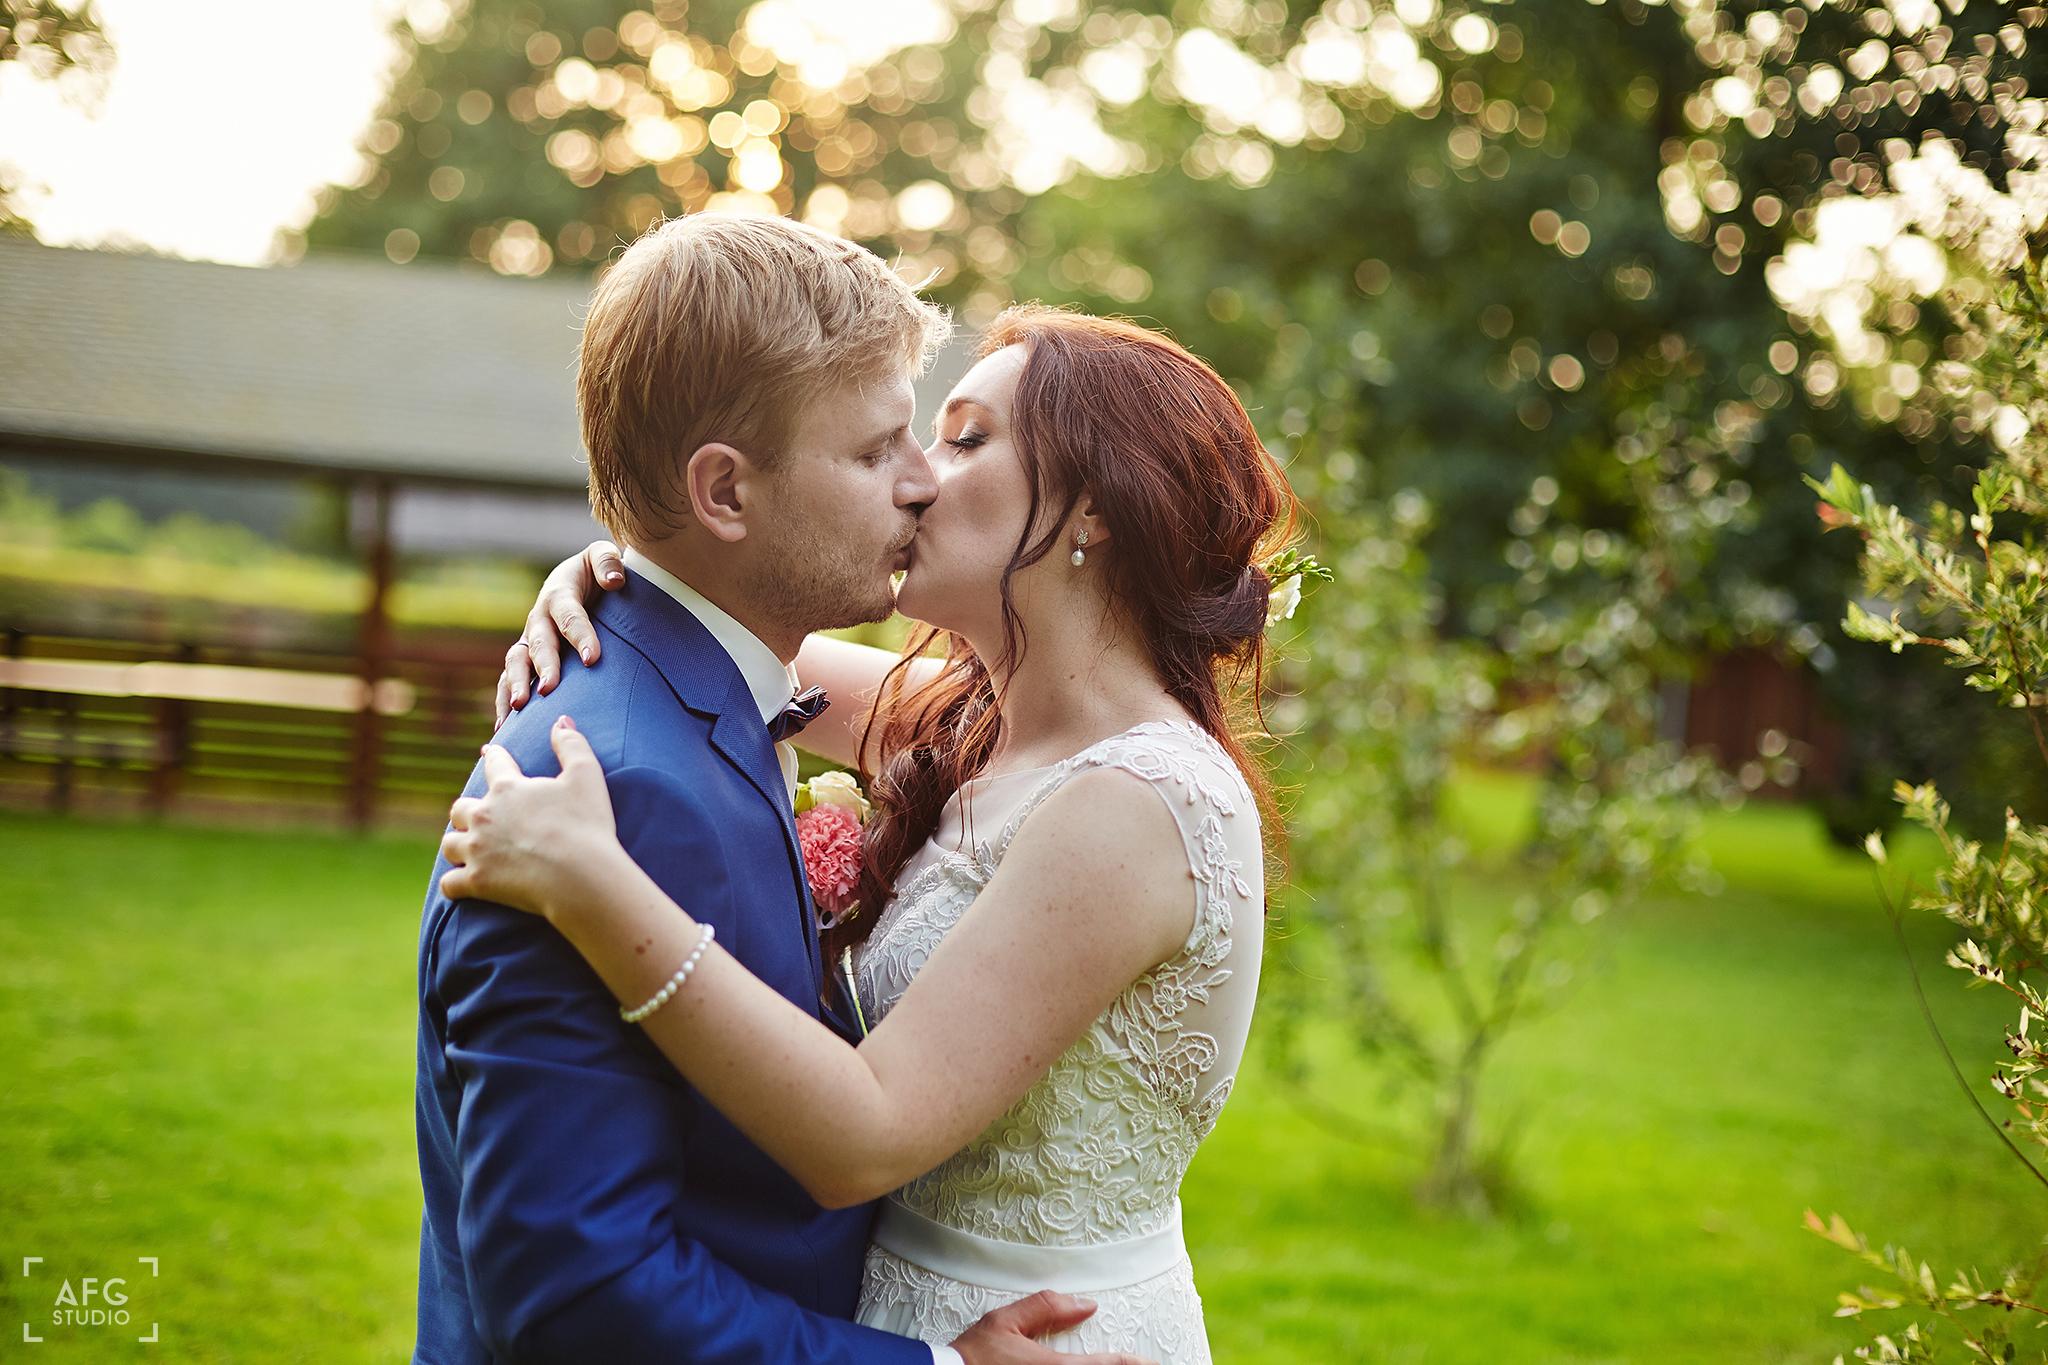 pocałunek, miłość, ogród